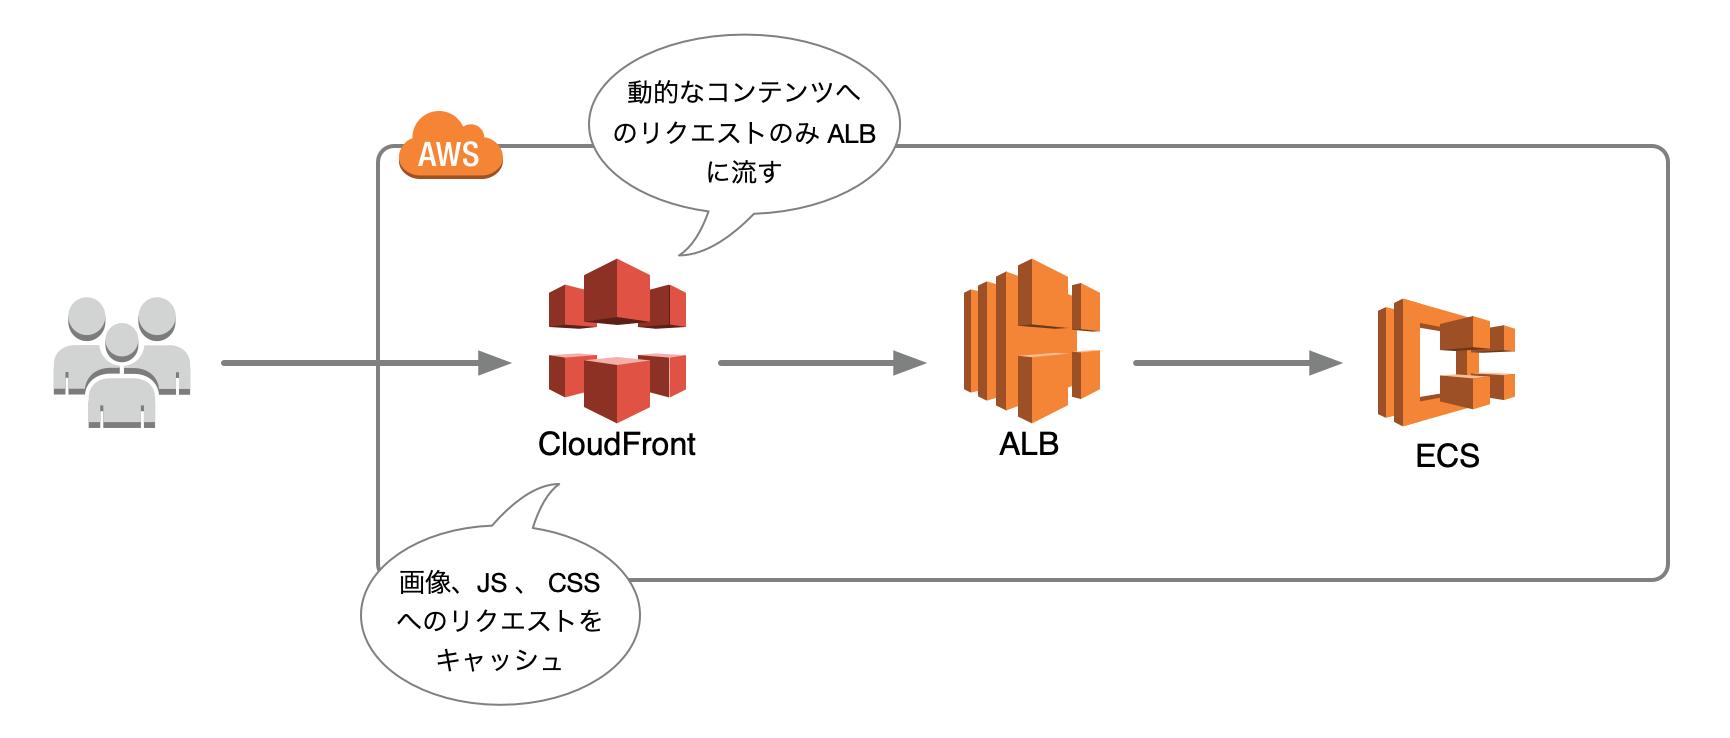 cloudfront-ecs-image.png